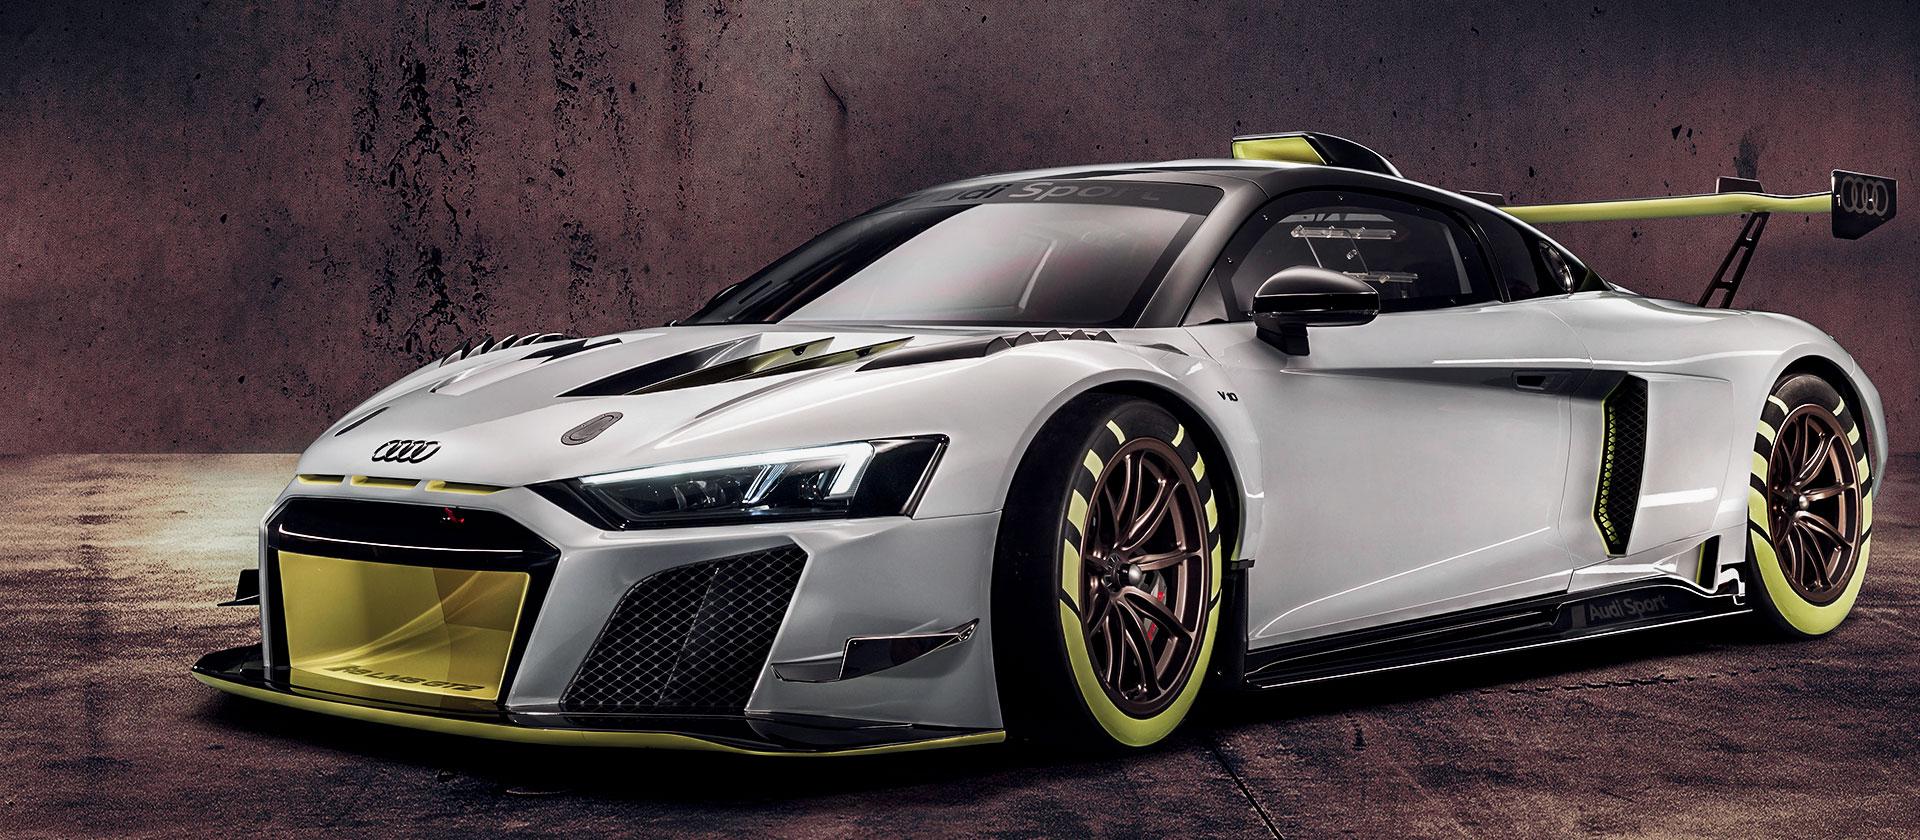 Kelebihan Audi R8 Gt3 Spesifikasi